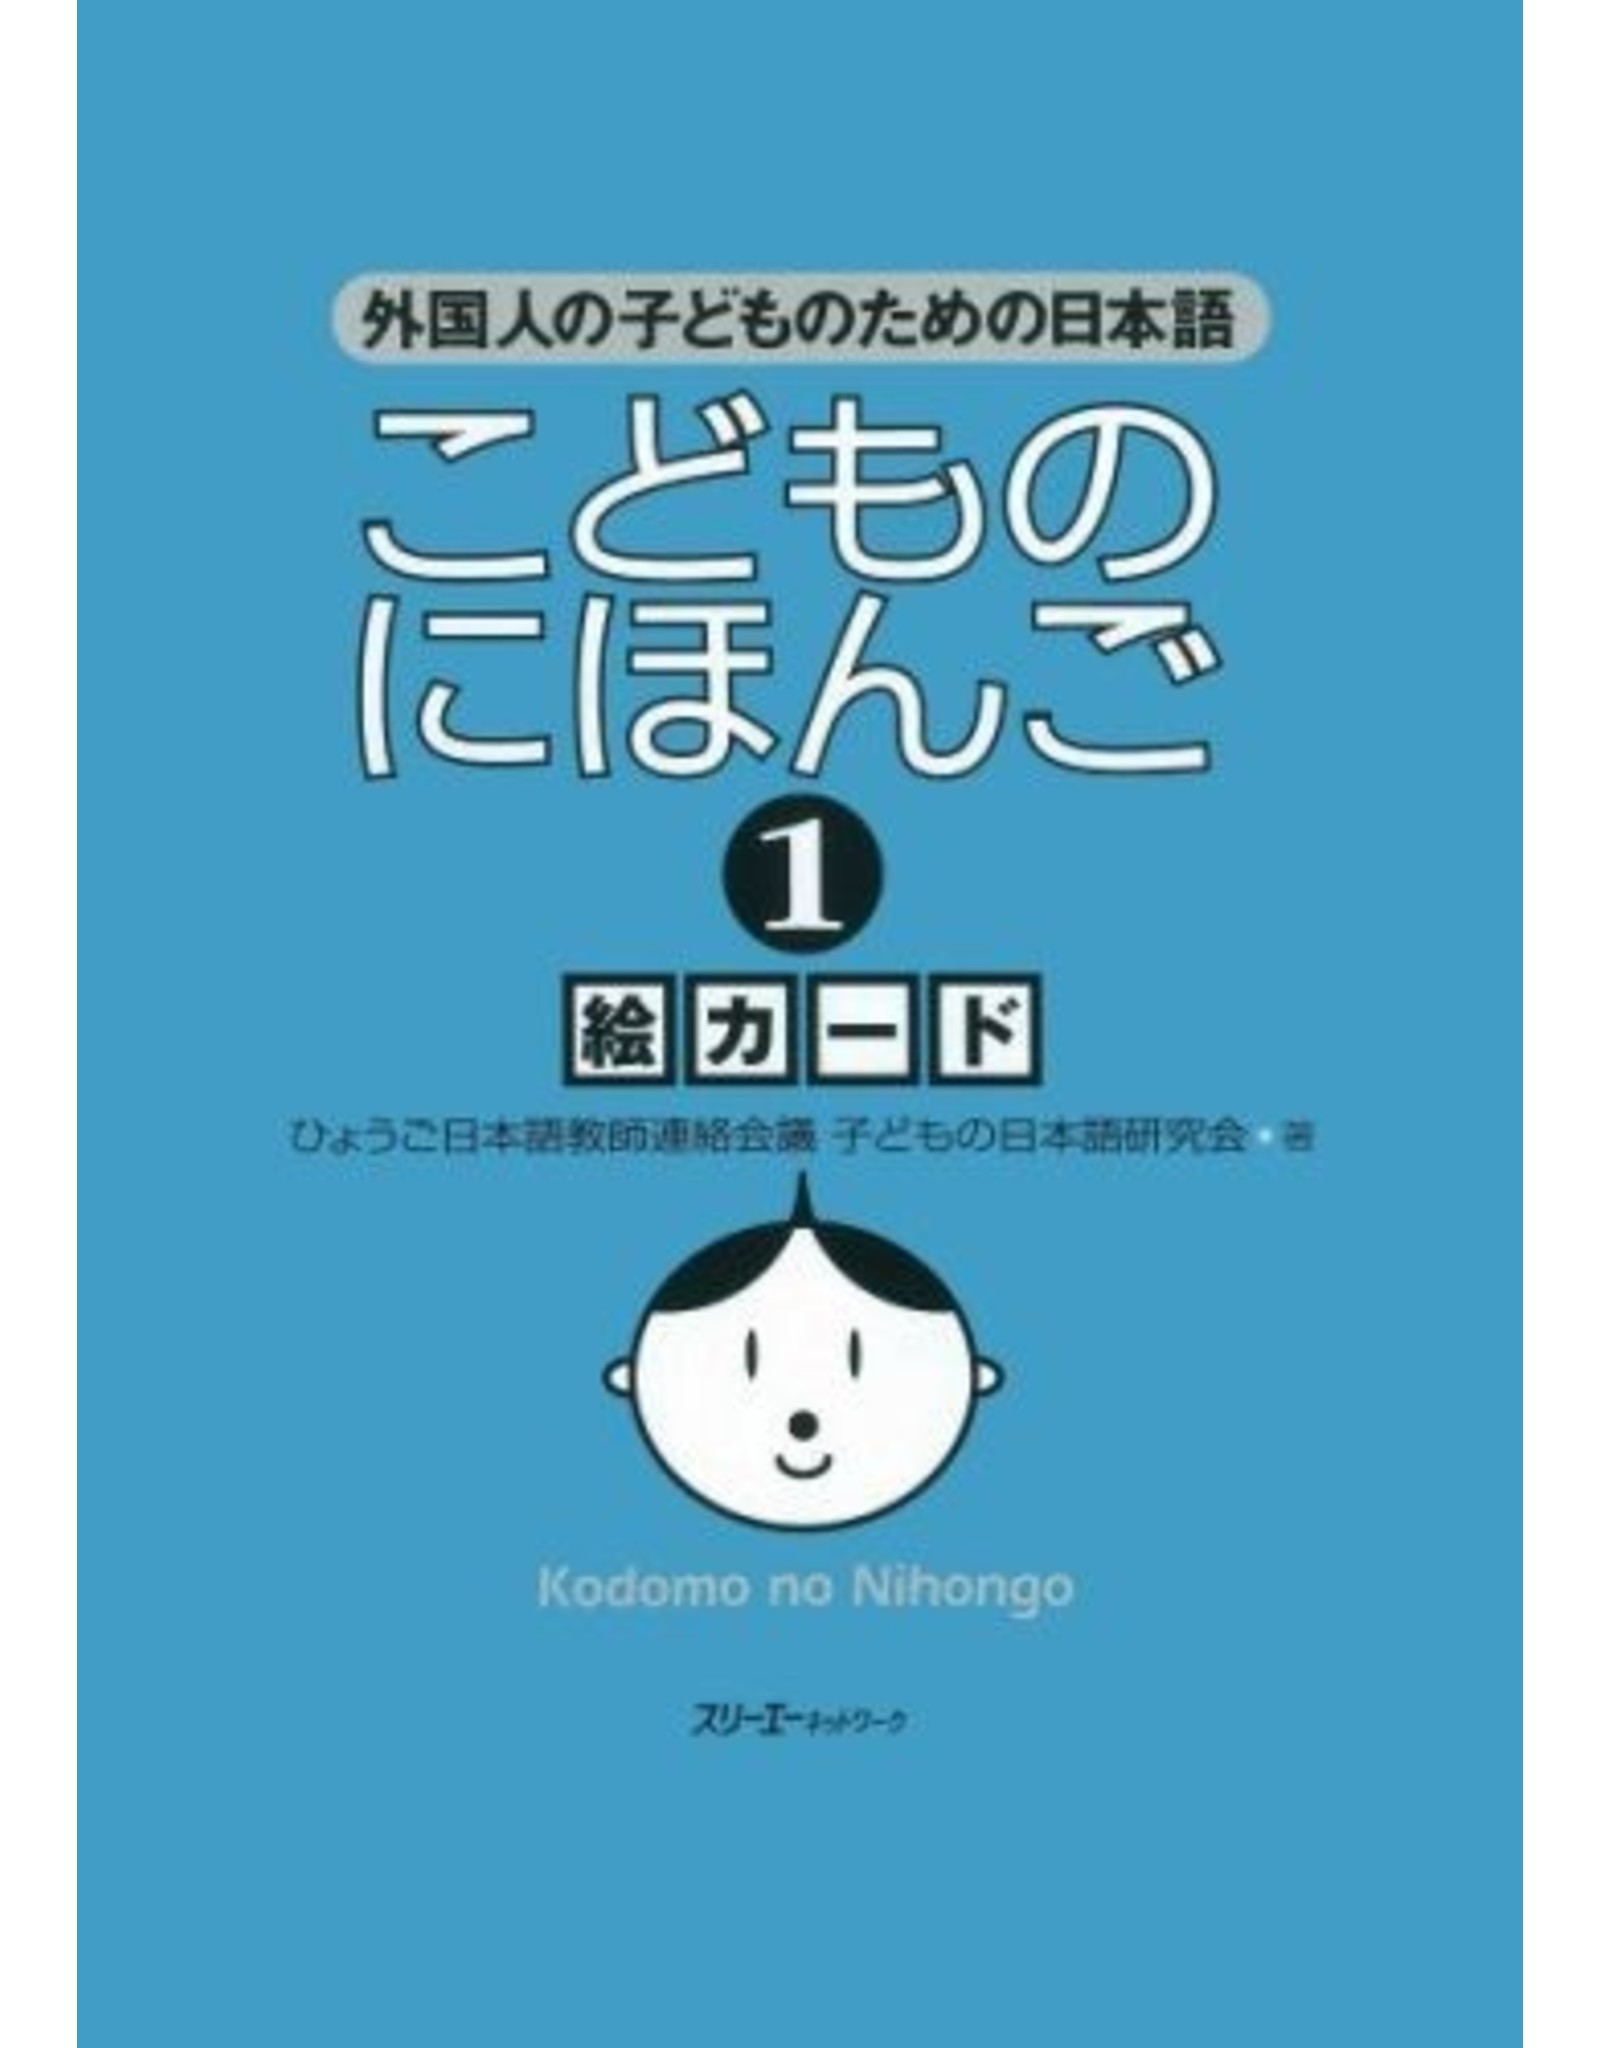 3A Corporation KODOMO NO NIHONGO (1) PICTURE CARDS